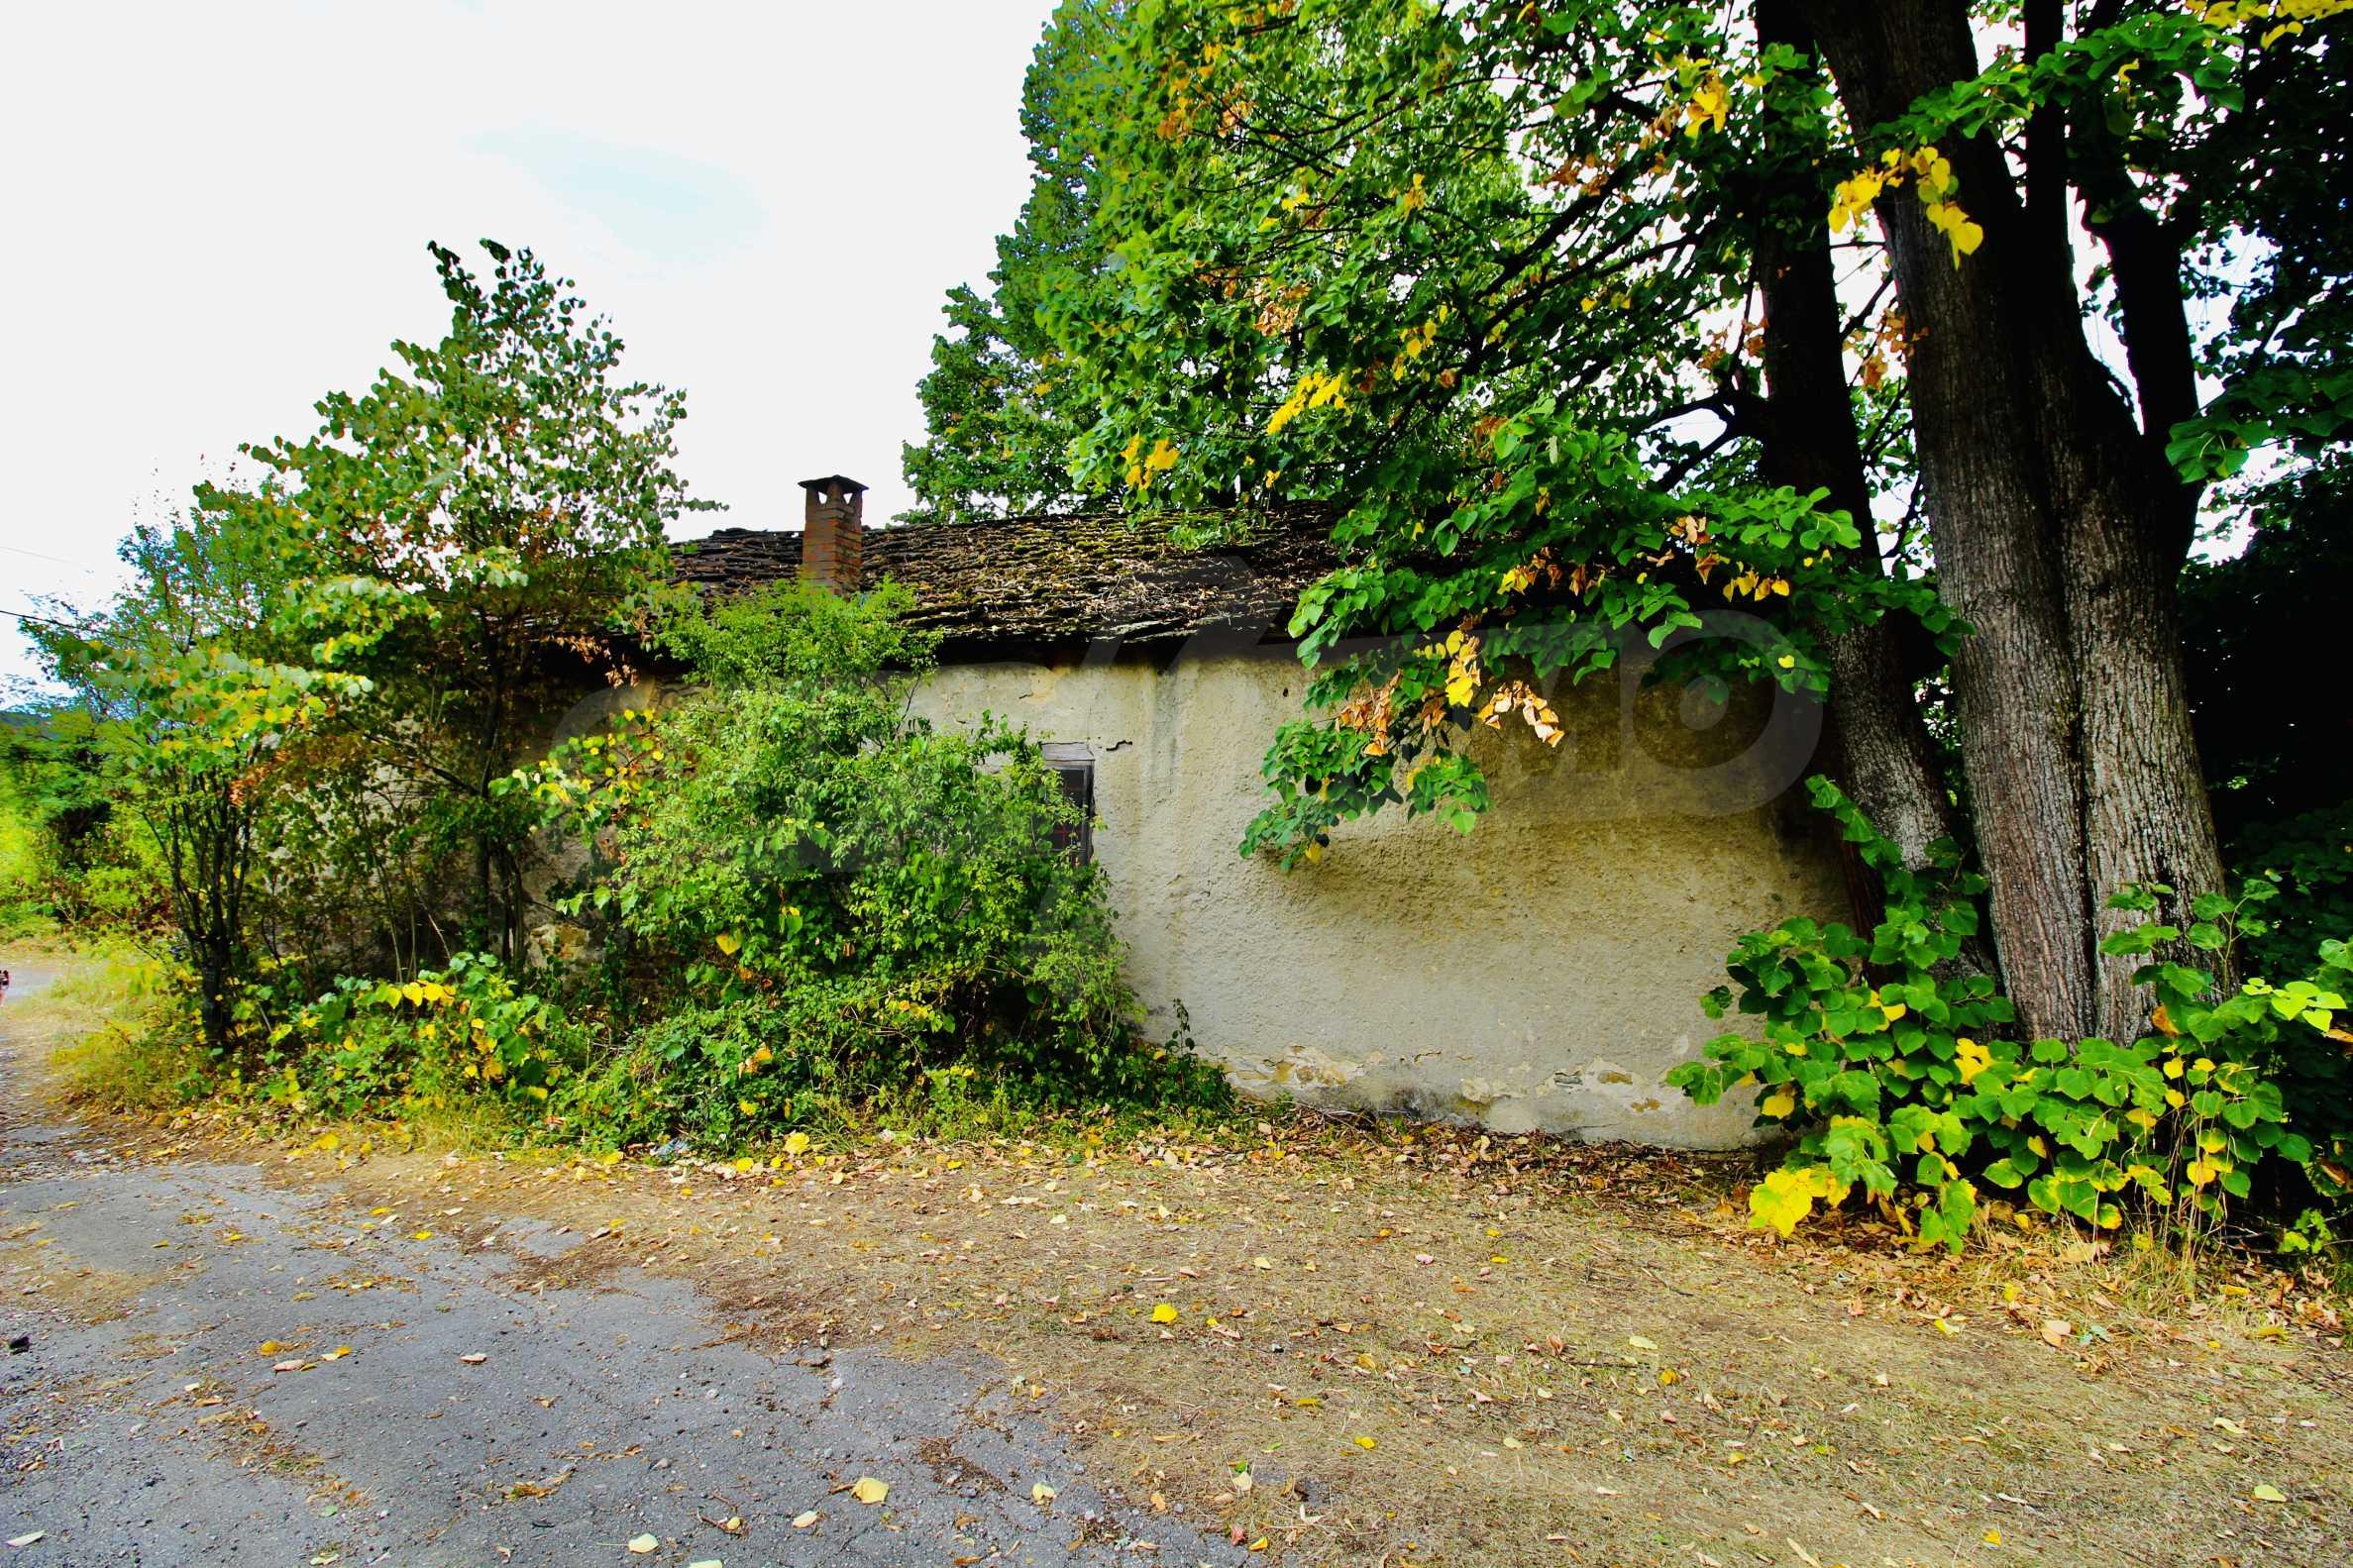 Старая  школа, построенная из камня, в чистом районе между городами Дряново и Трявна 11